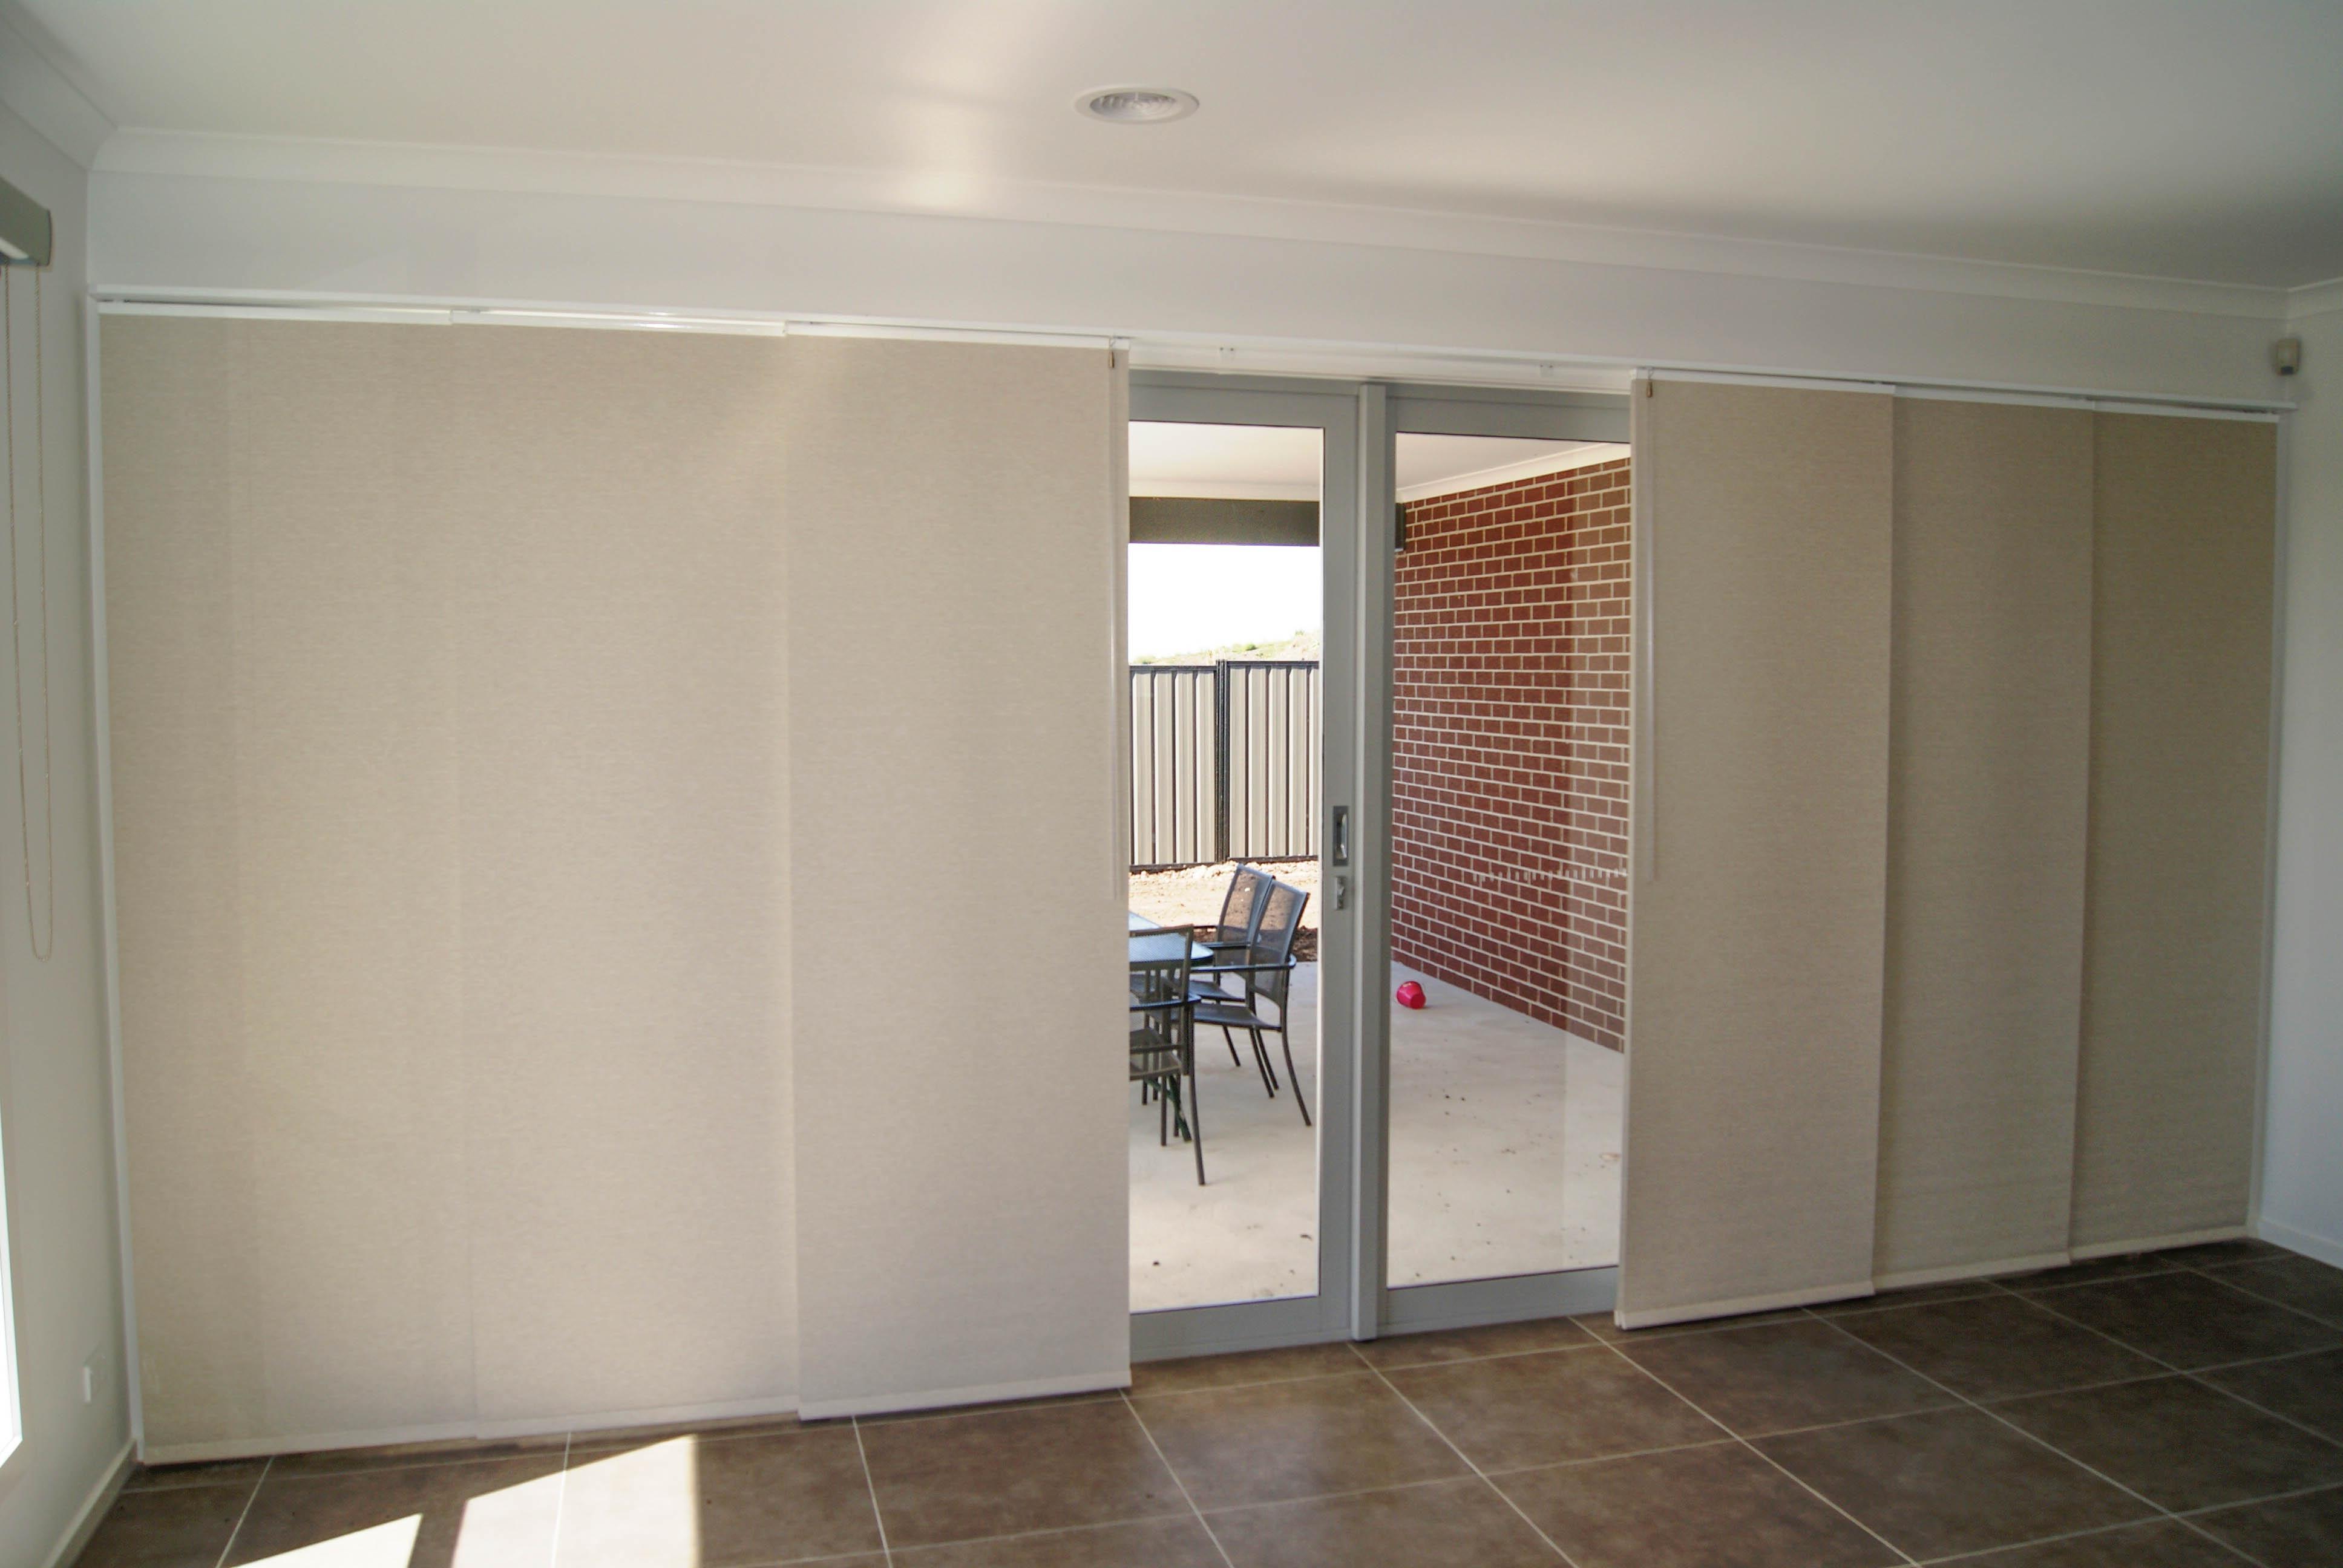 Panel Glide Blinds For Sliding Doors3872 X 2592